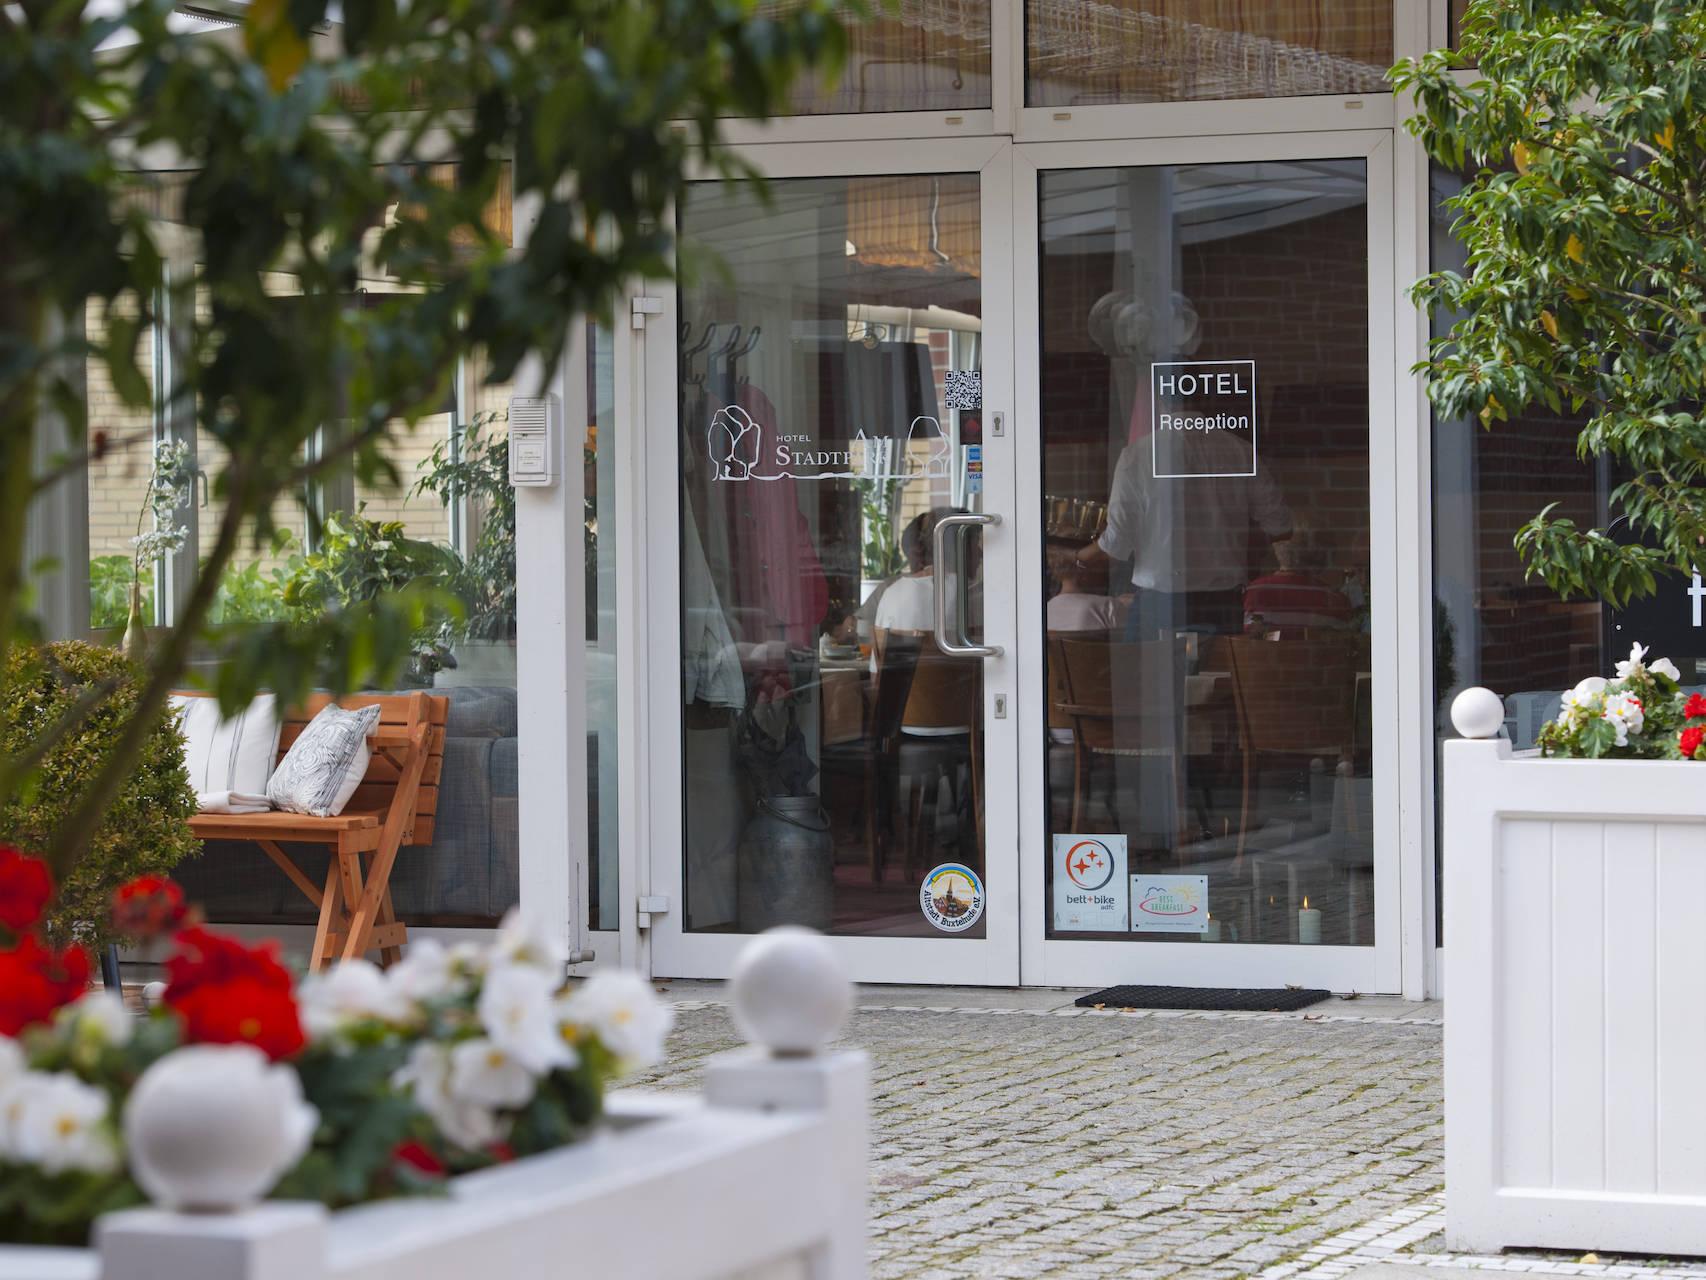 Aussenansicht Hotel am Stadtpark Buxtehude 5 uai